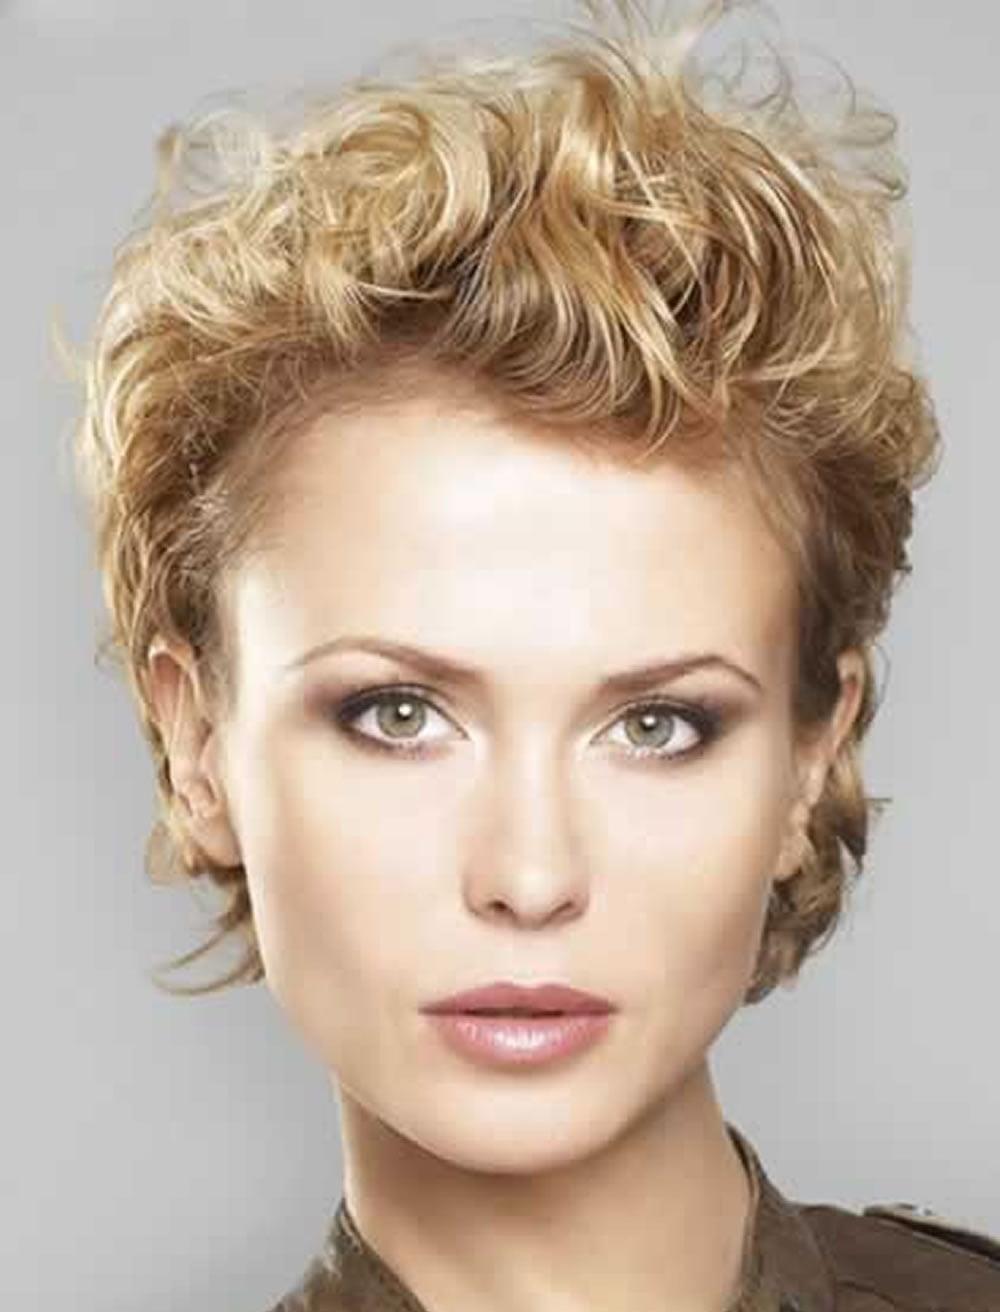 Излишнее нанесение этих моделирующих средств может привести к негативному результату, волосы начнут выглядеть грязными и неухоженными.